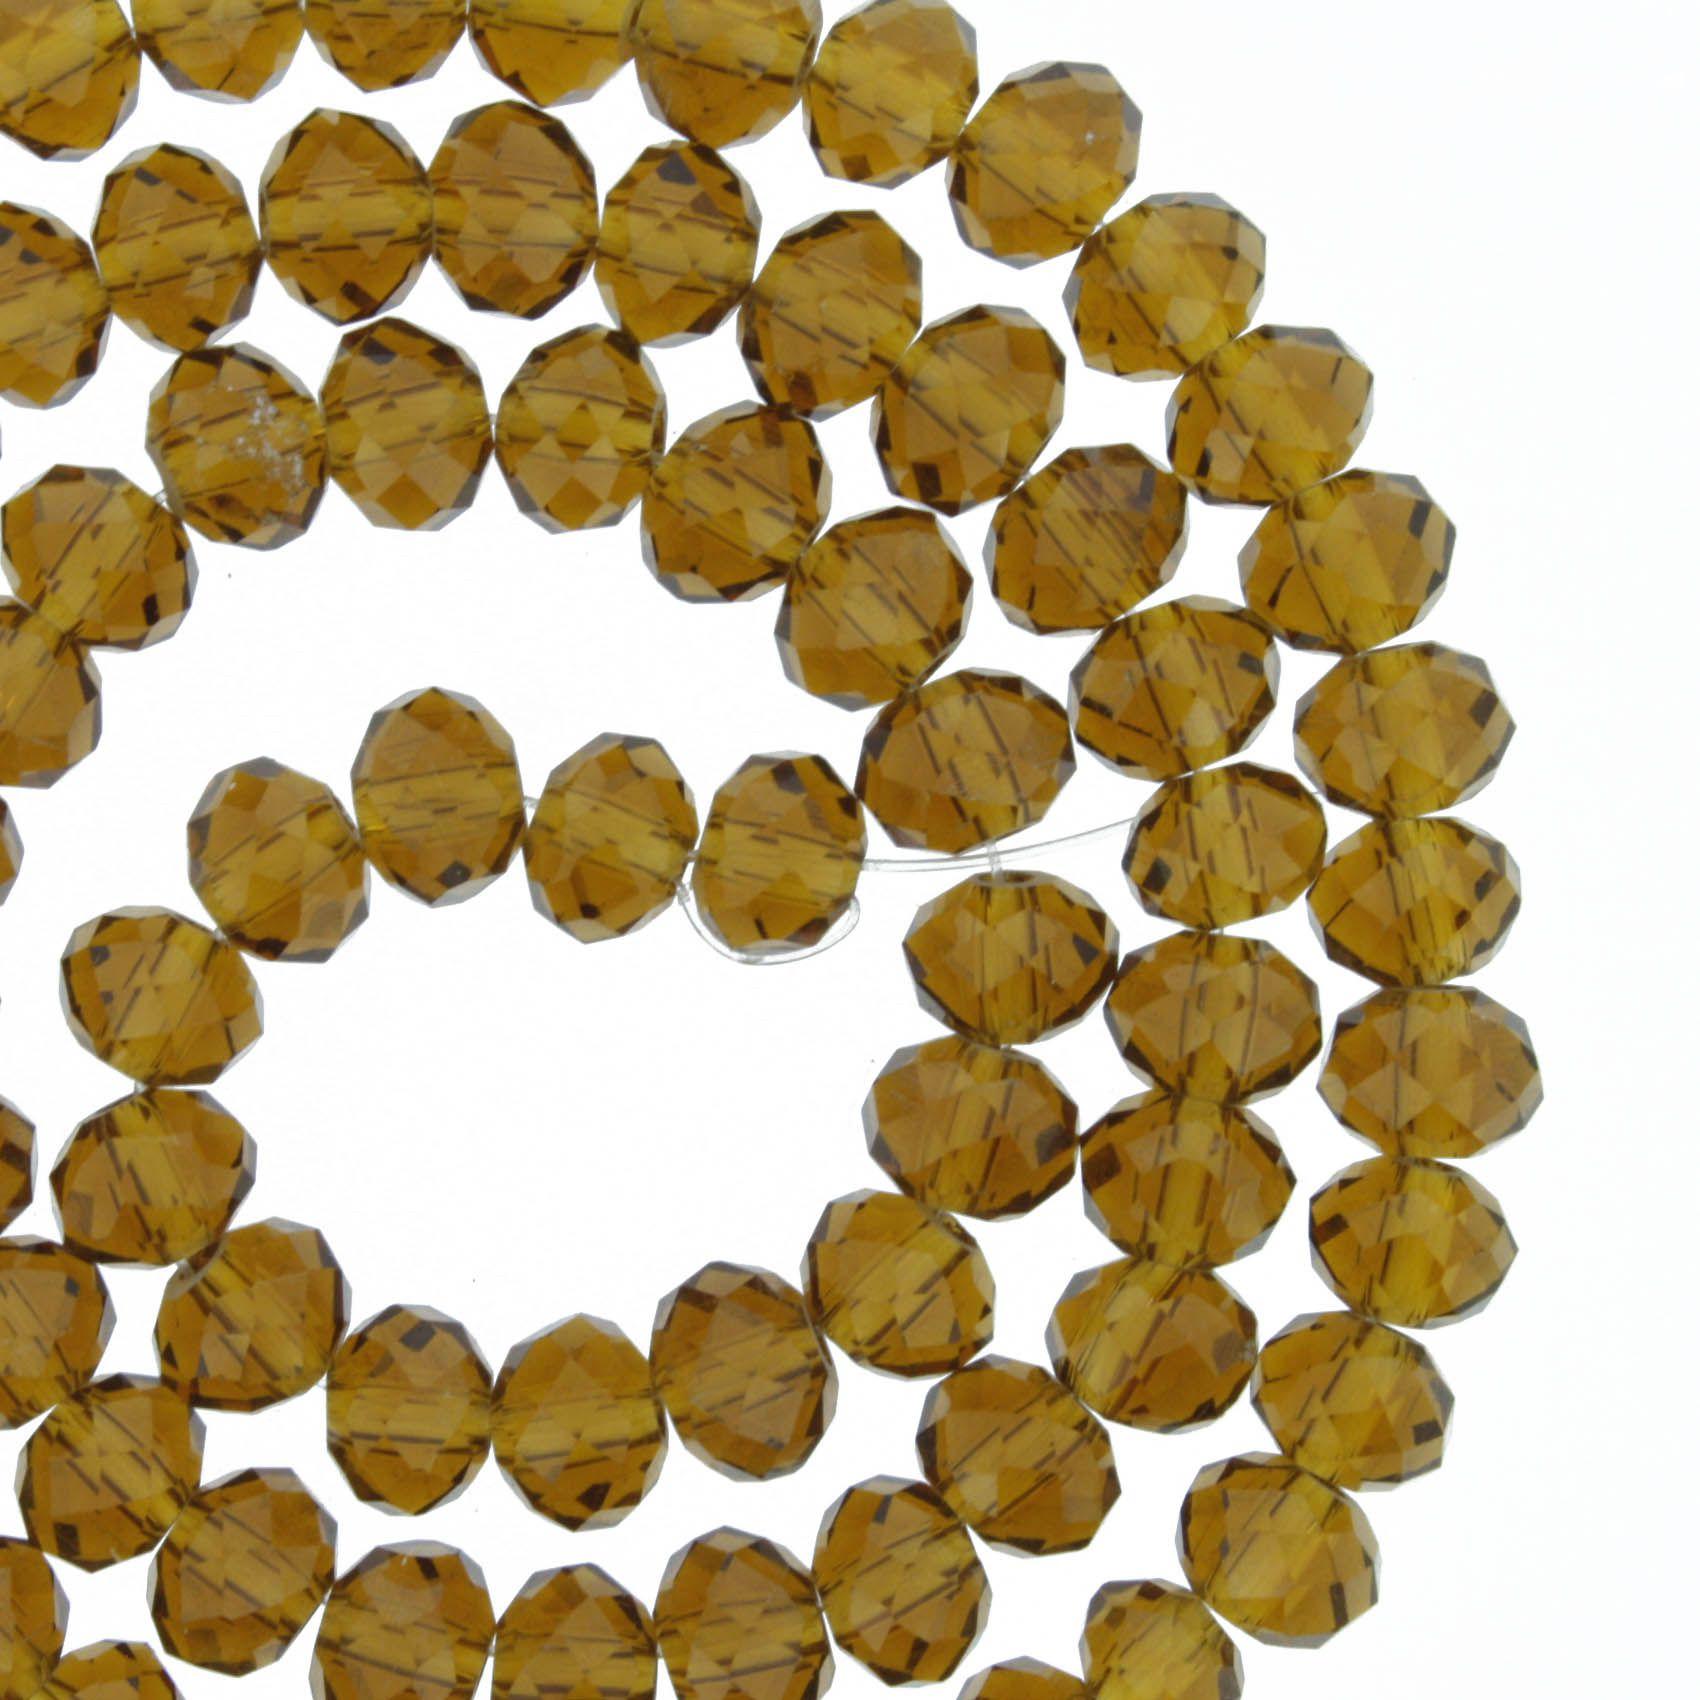 Fio de Cristal - Flat® - Marrom Transparente - 6mm  - Stéphanie Bijoux® - Peças para Bijuterias e Artesanato